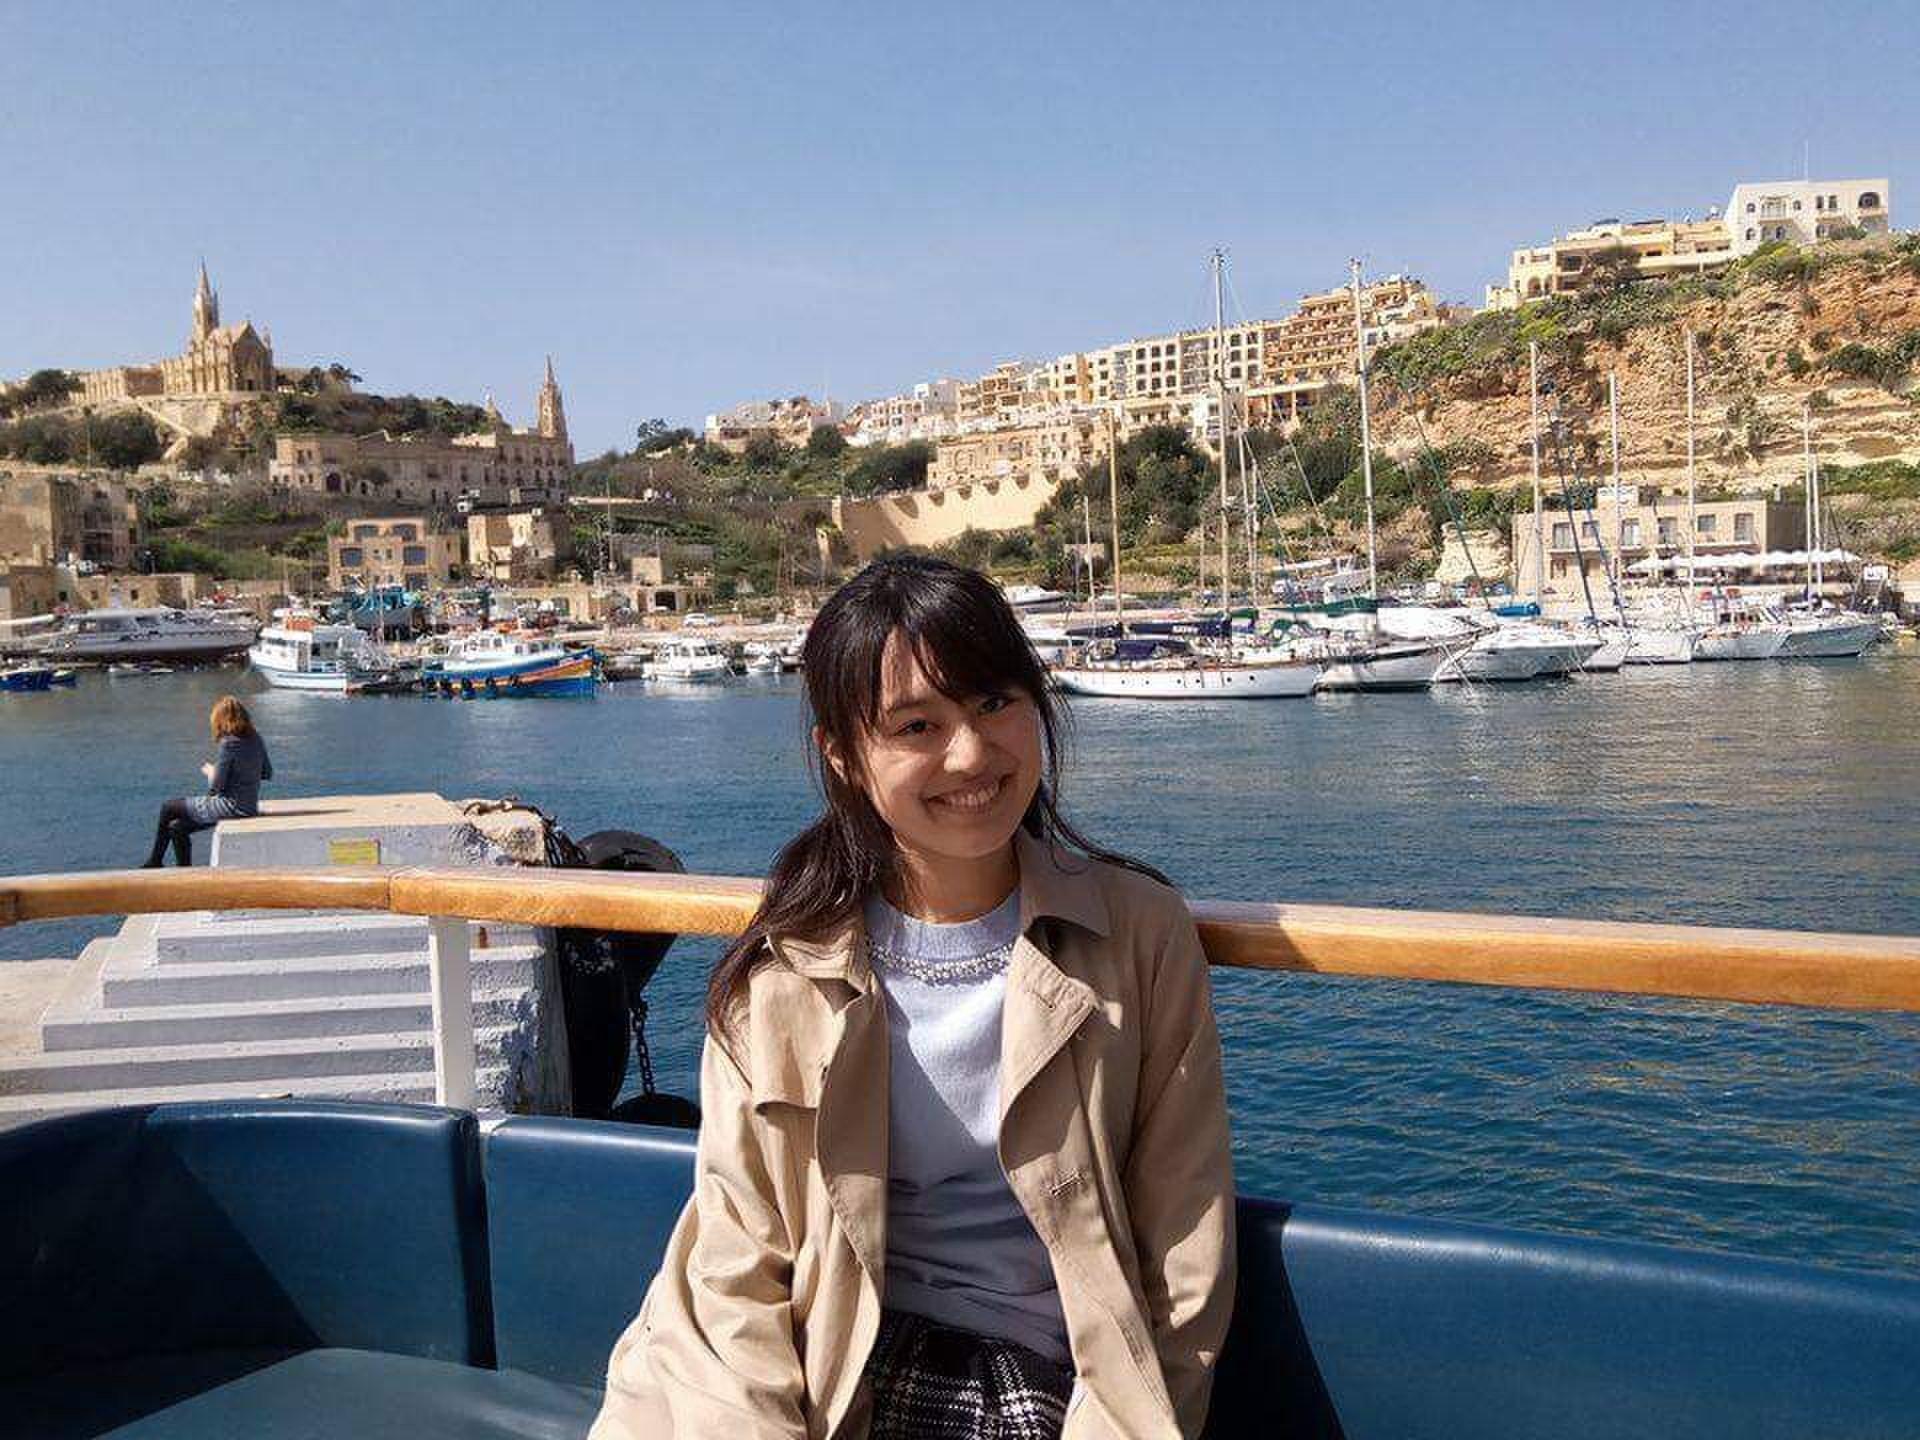 絶景の宝庫・マルタ島観光♪日帰りで楽しめる離島のおすすめスポット